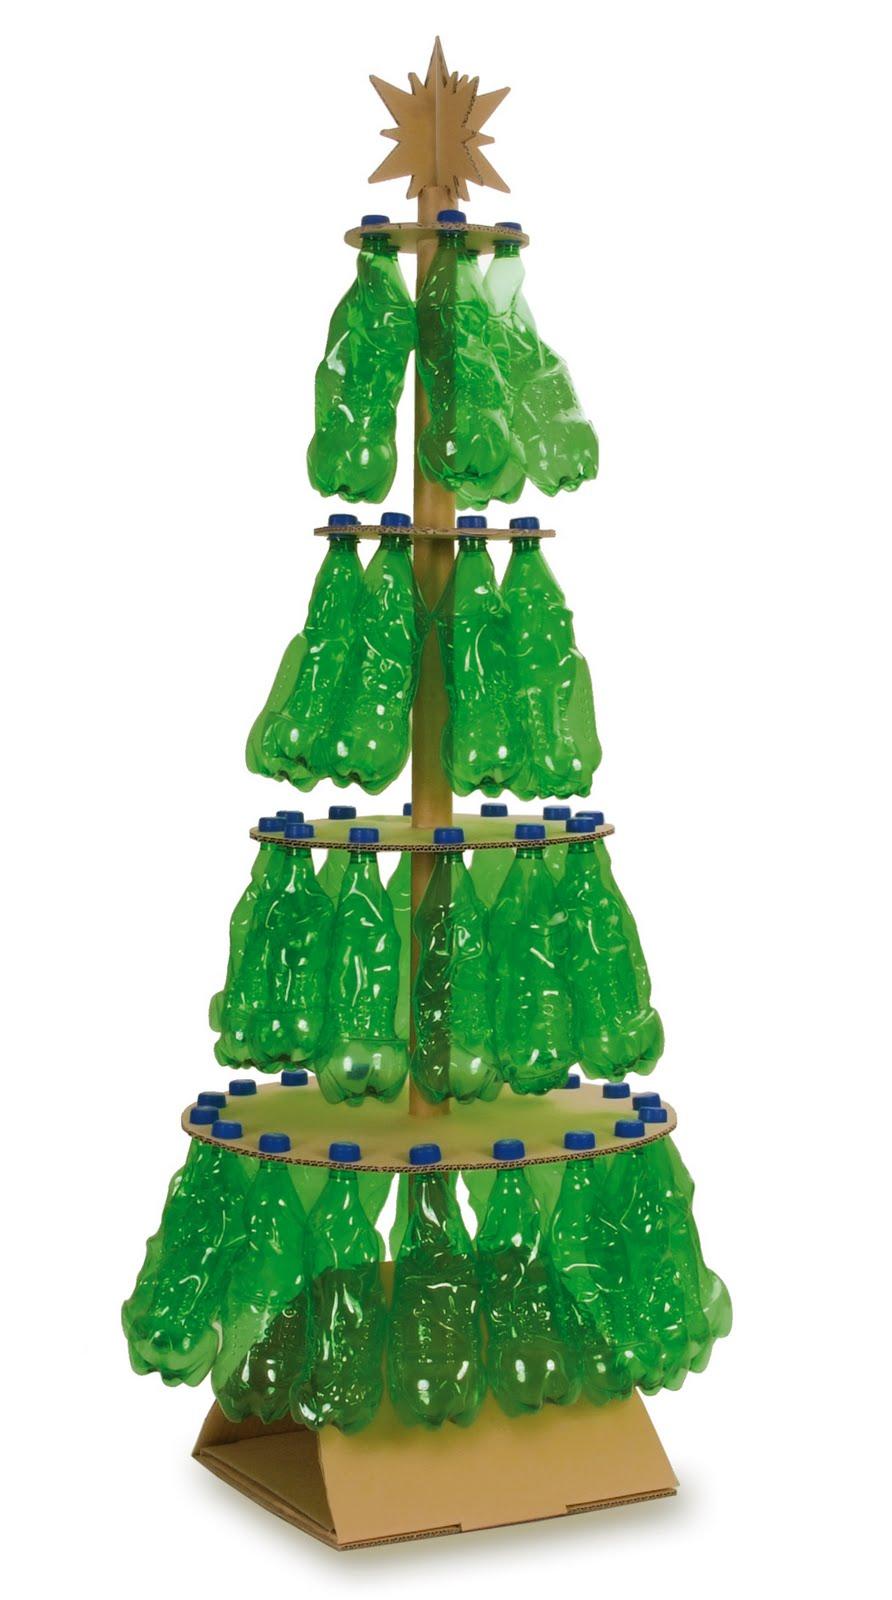 fabrice peltier regala un arbol de navidad 100 hecho con materiales